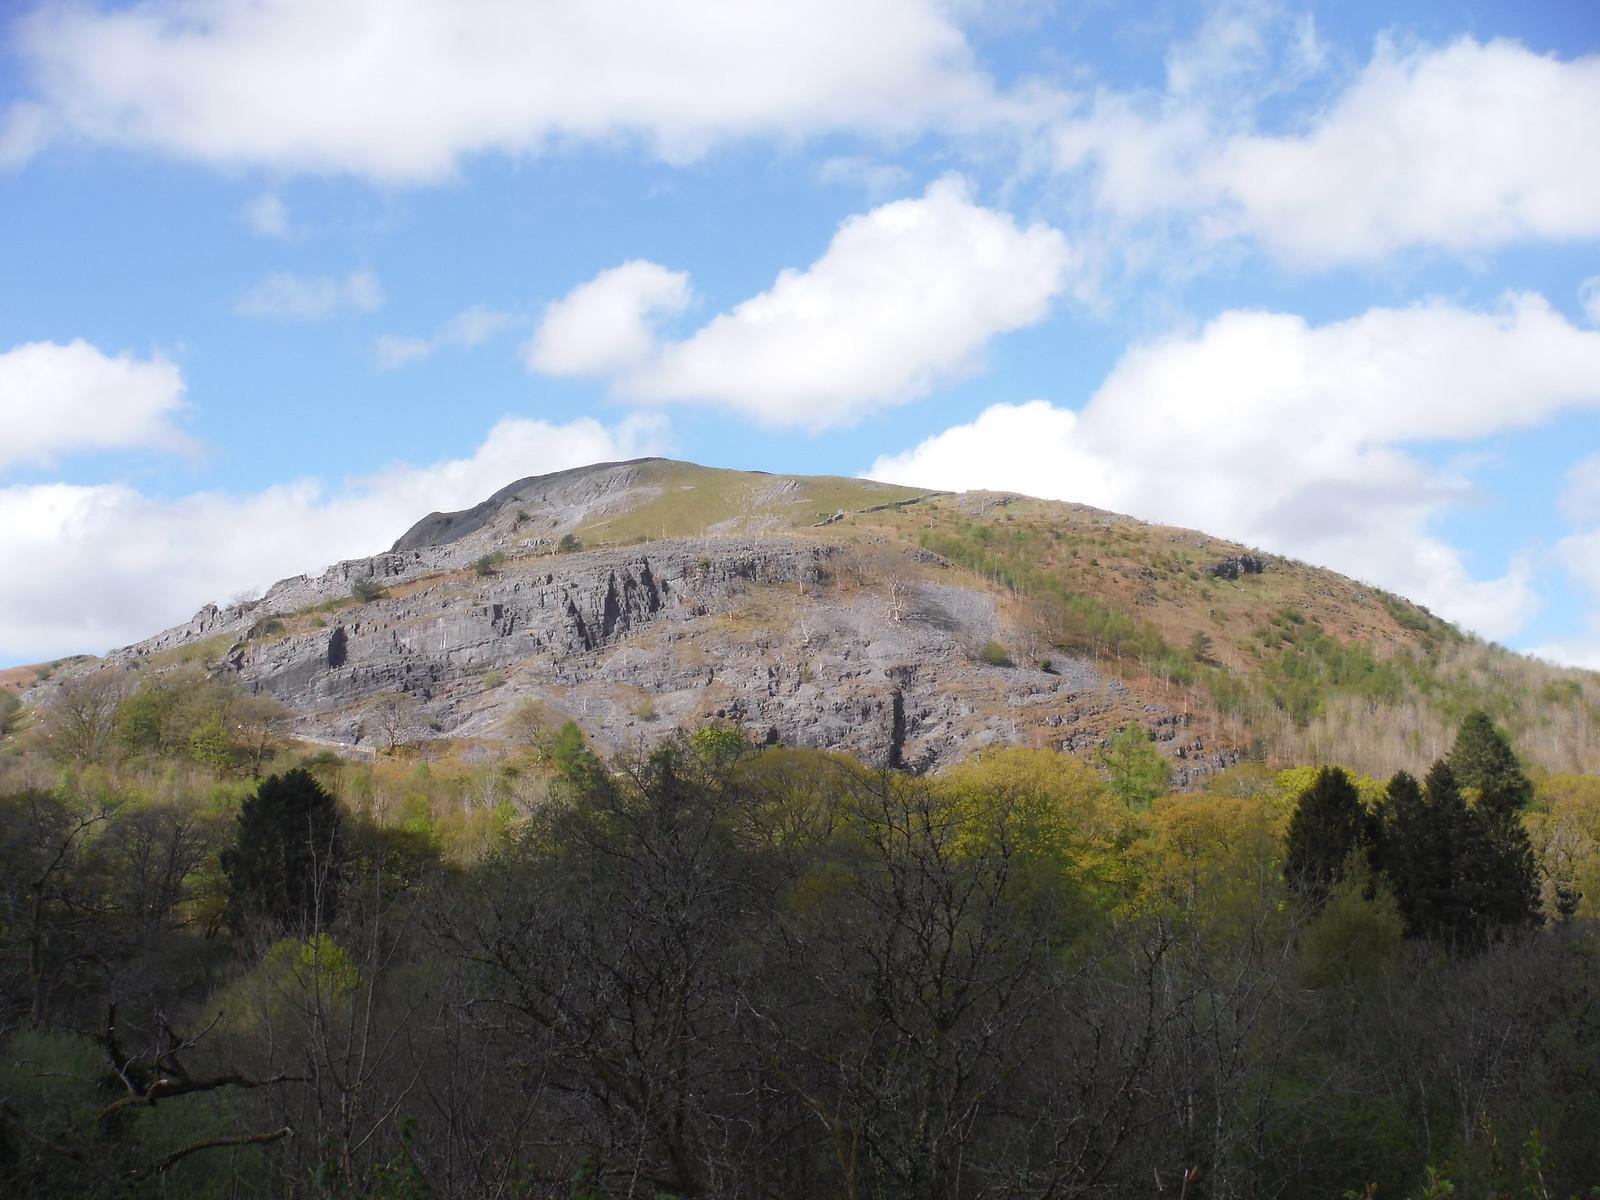 Cribarth, from Rhongyr-uchaf SWC Walk 307 - Fforest Fawr Traverse (Craig y Nos to Llwyn-y-celyn)